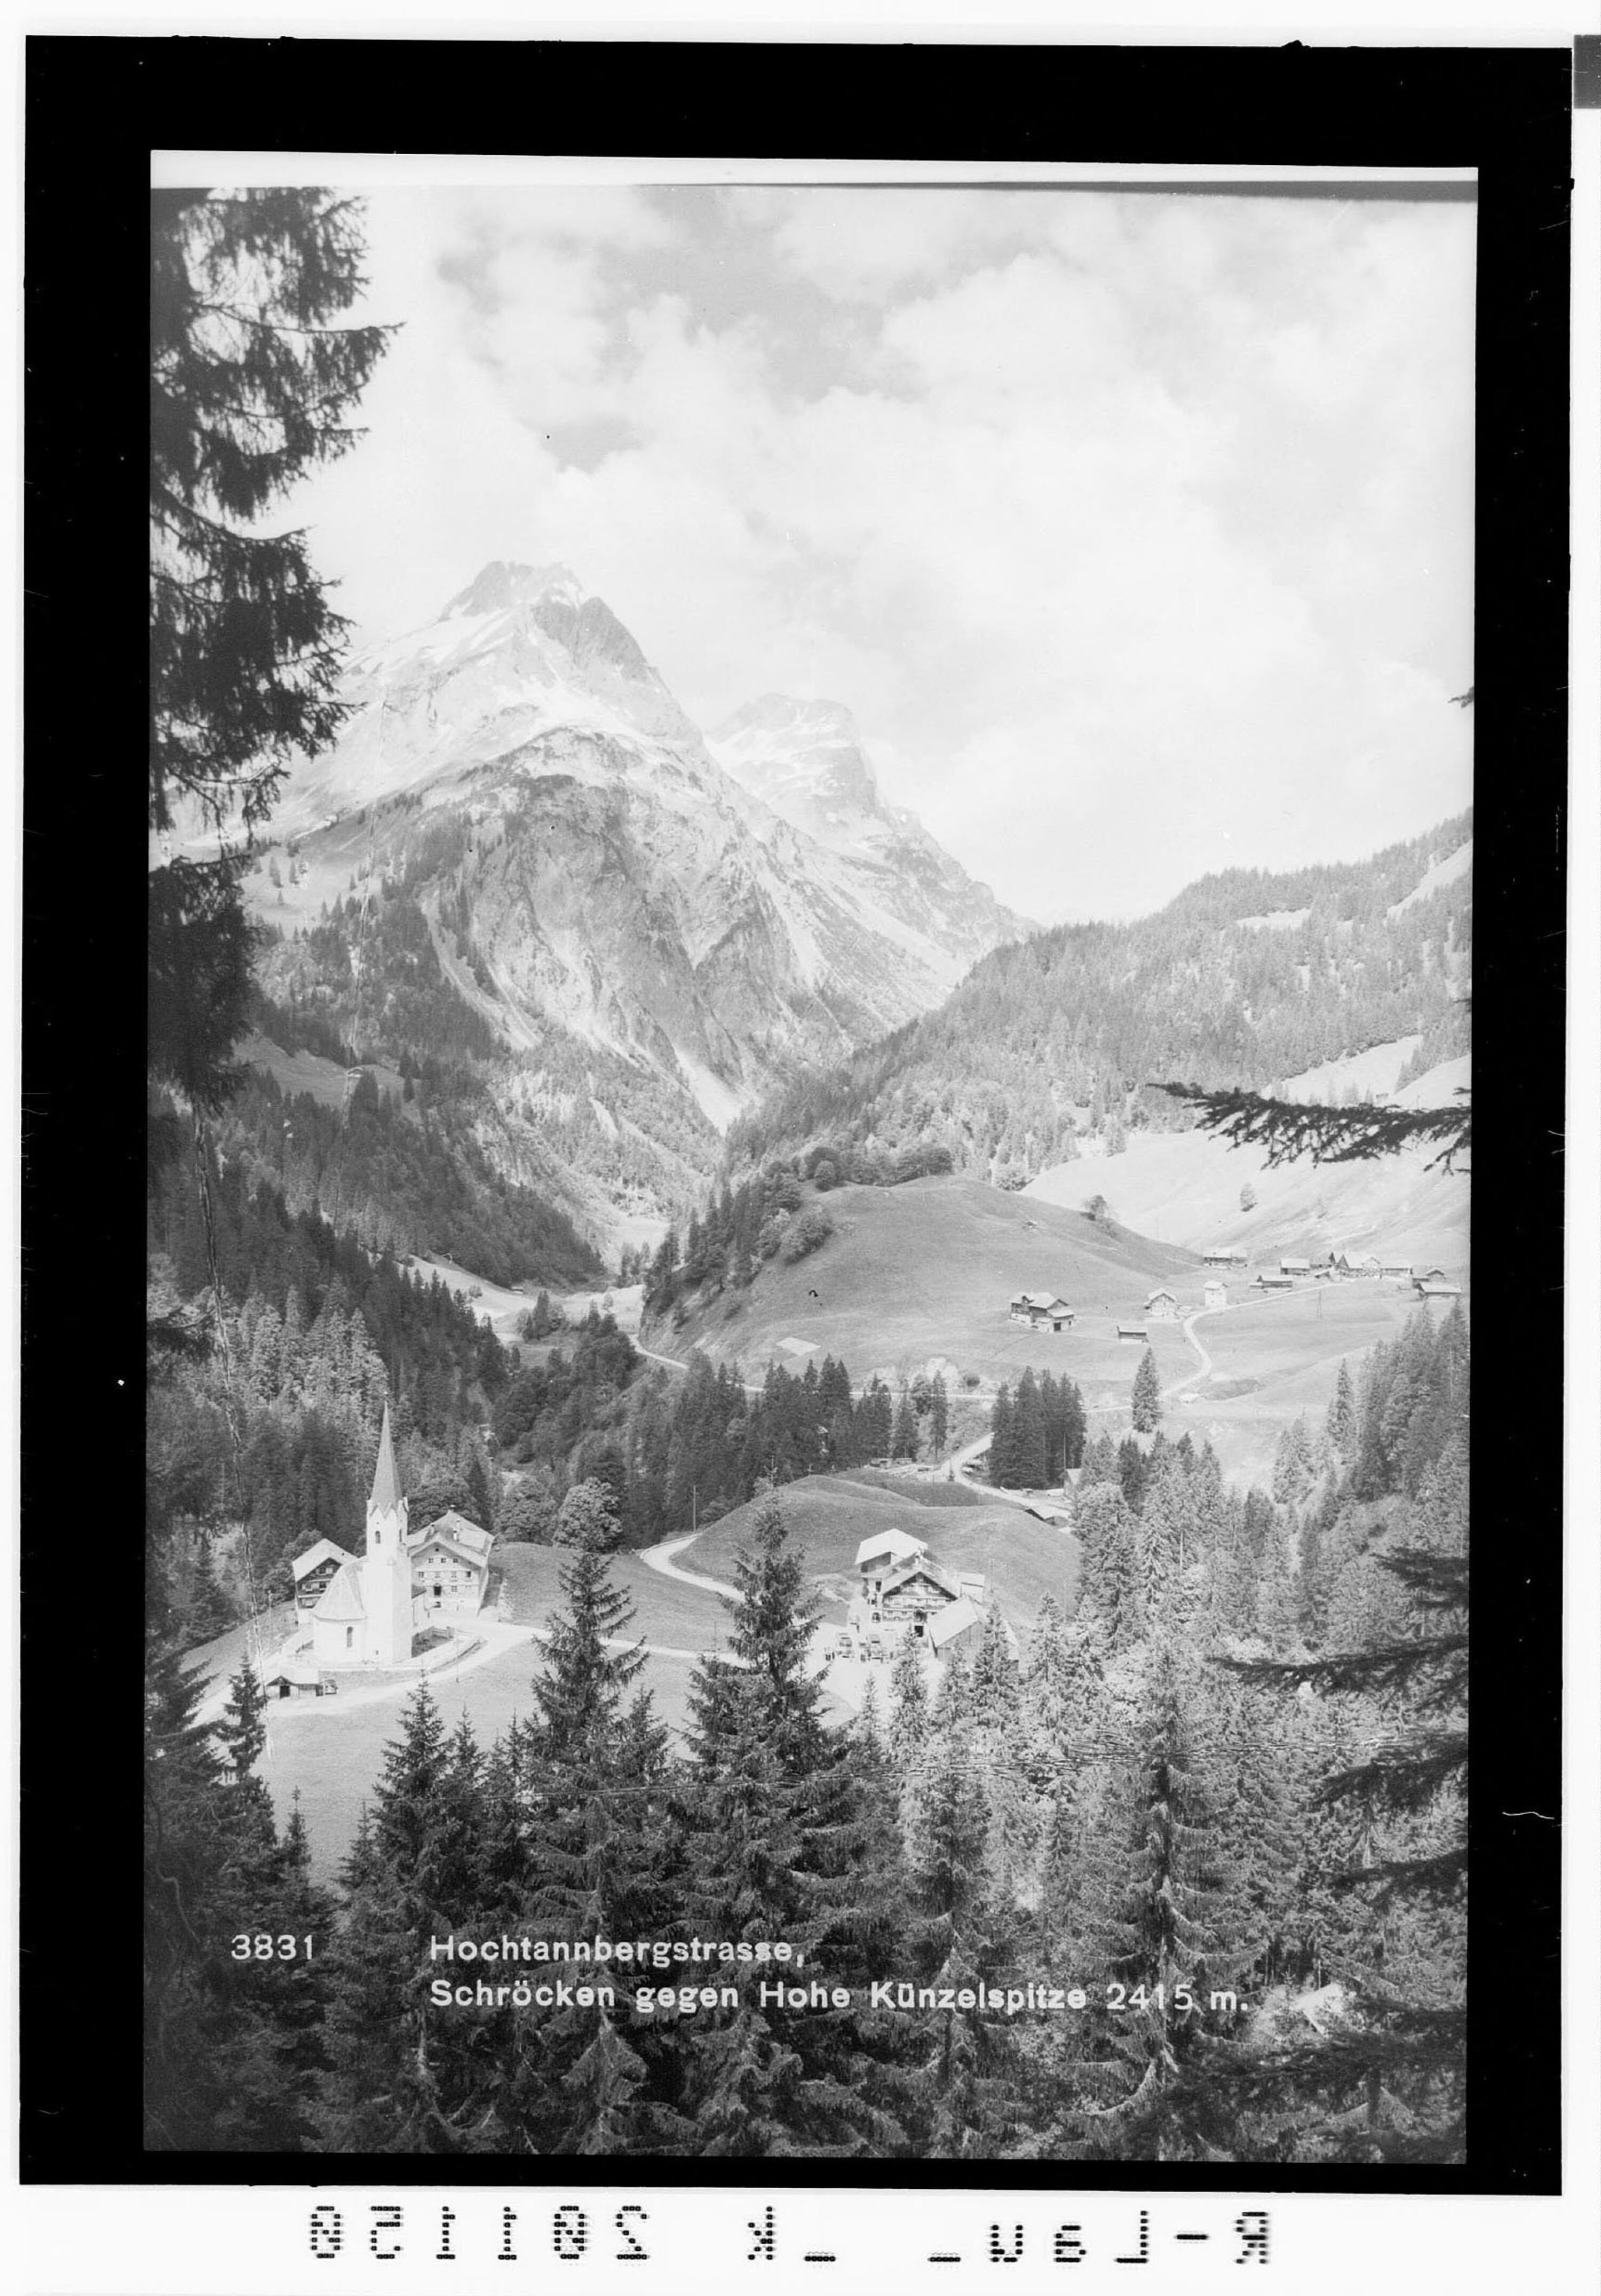 Hochtannbergstrasse / Schröcken gegen Künzelspitze 2415 m von Rhomberg